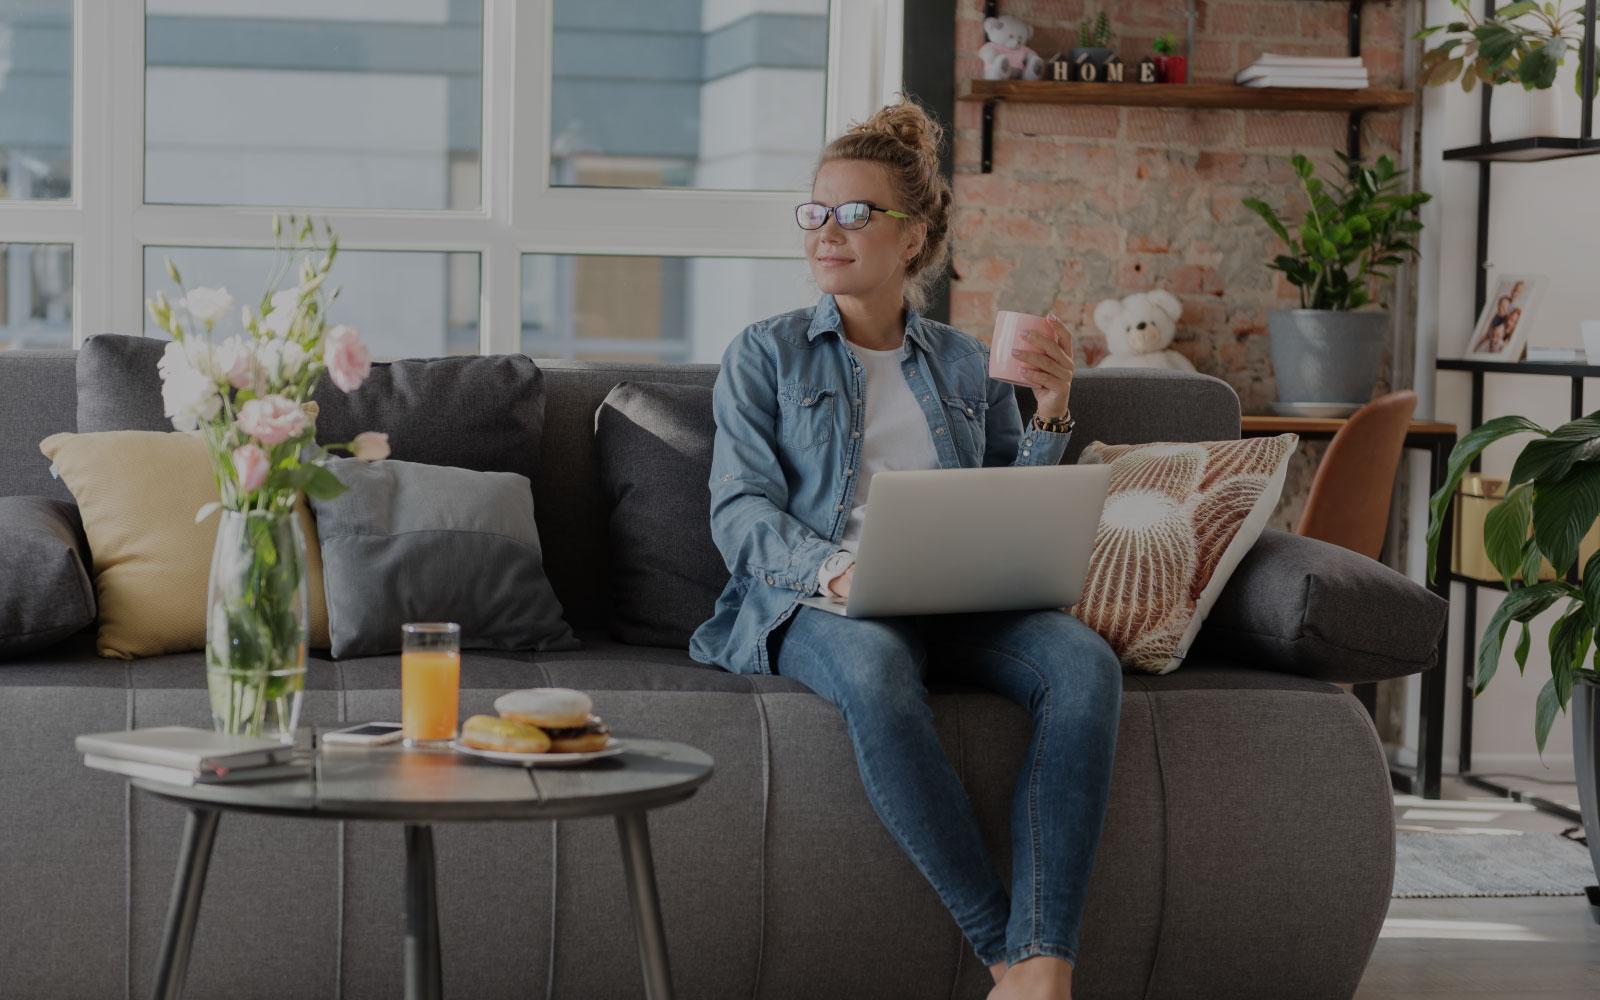 Obiektyw jasielski online dating